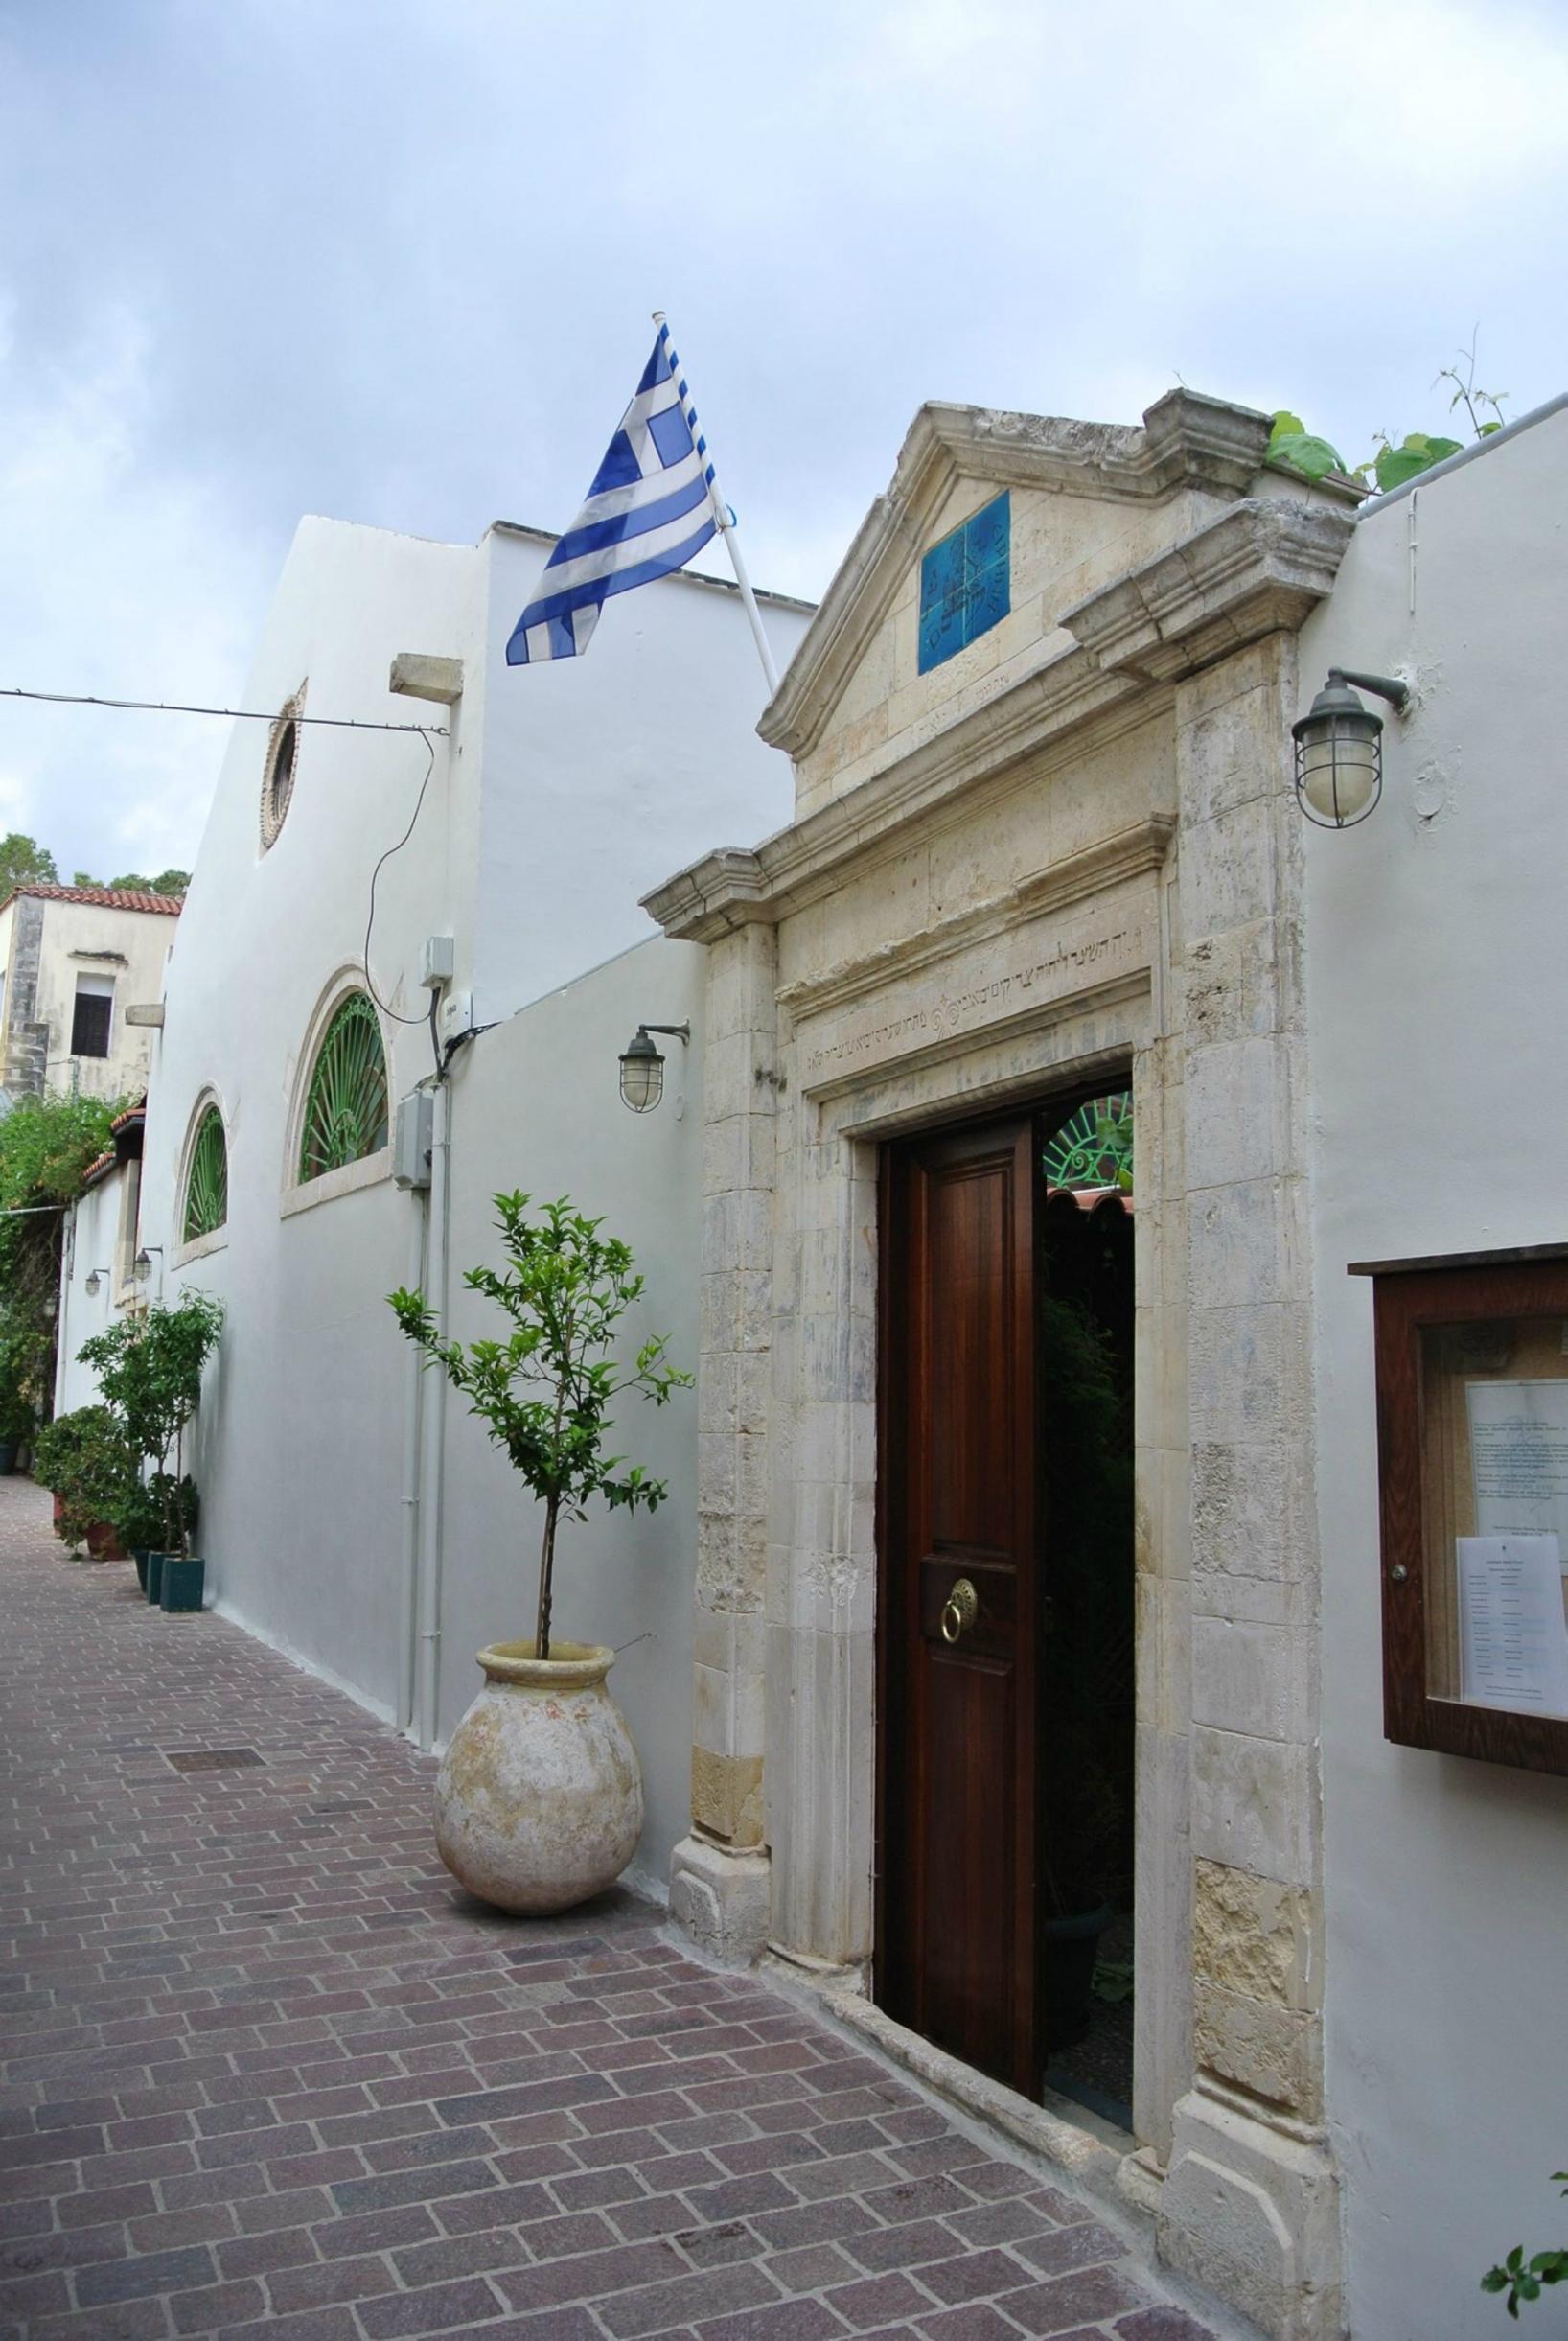 Etz Hayyim synagogue, Crete. Photo by Constantine Fraser